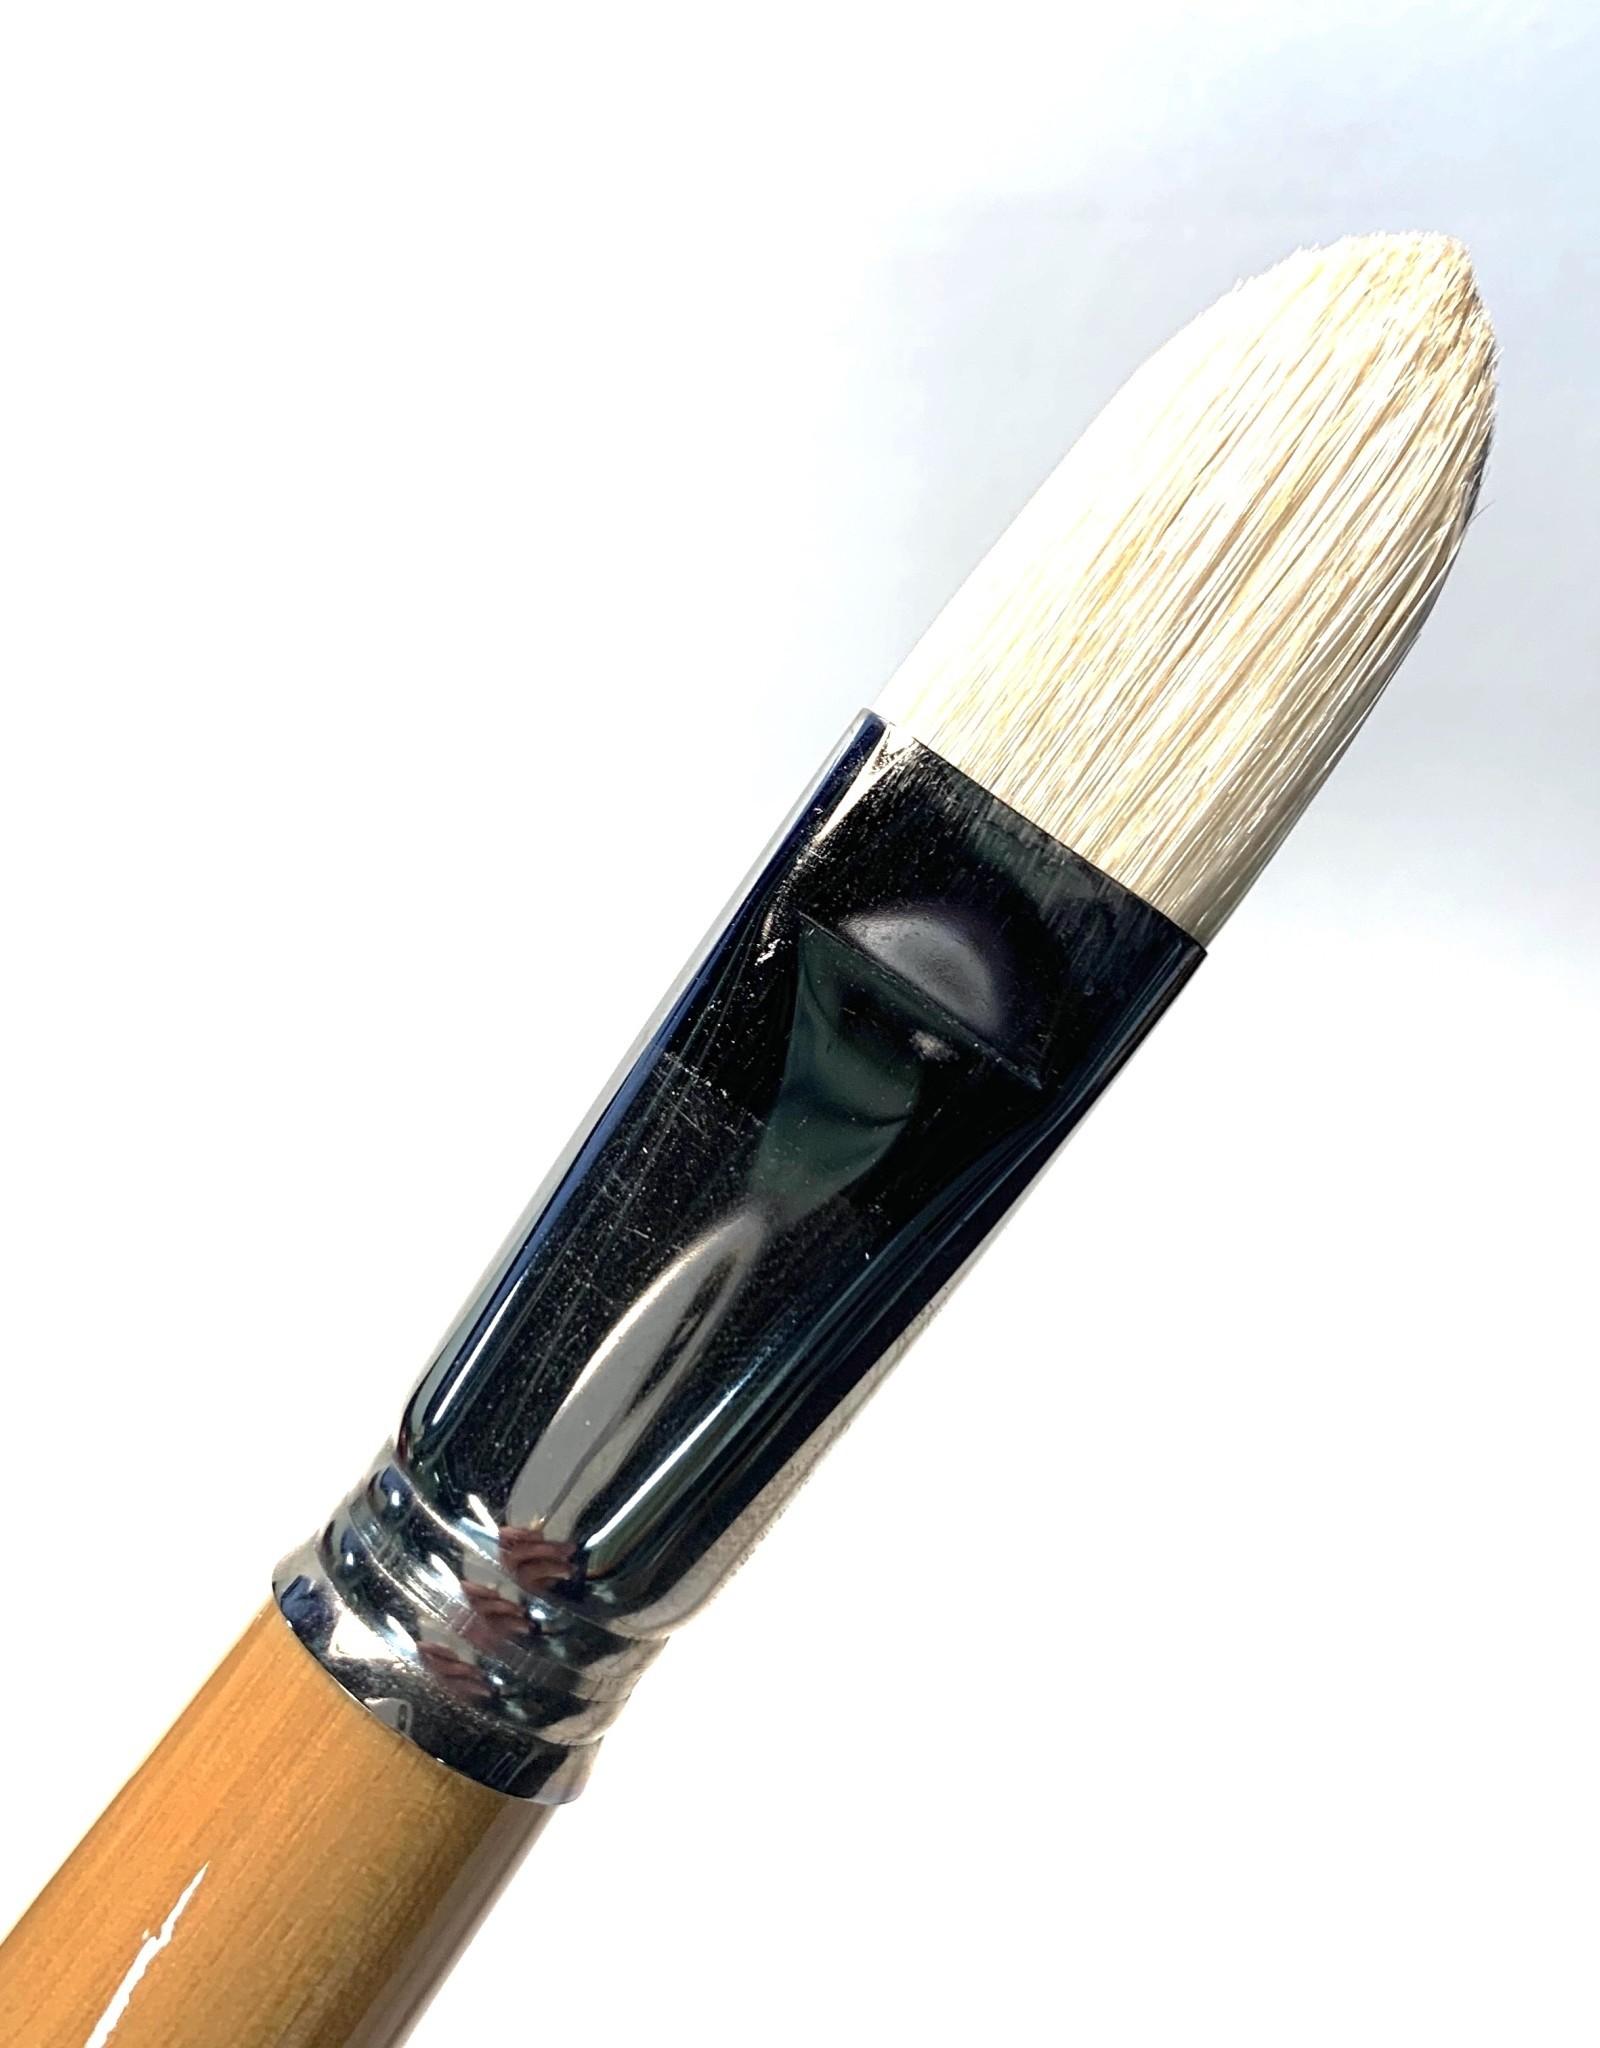 Escoda Filbert 4729 #22, Bristle for Oil & Acrylic